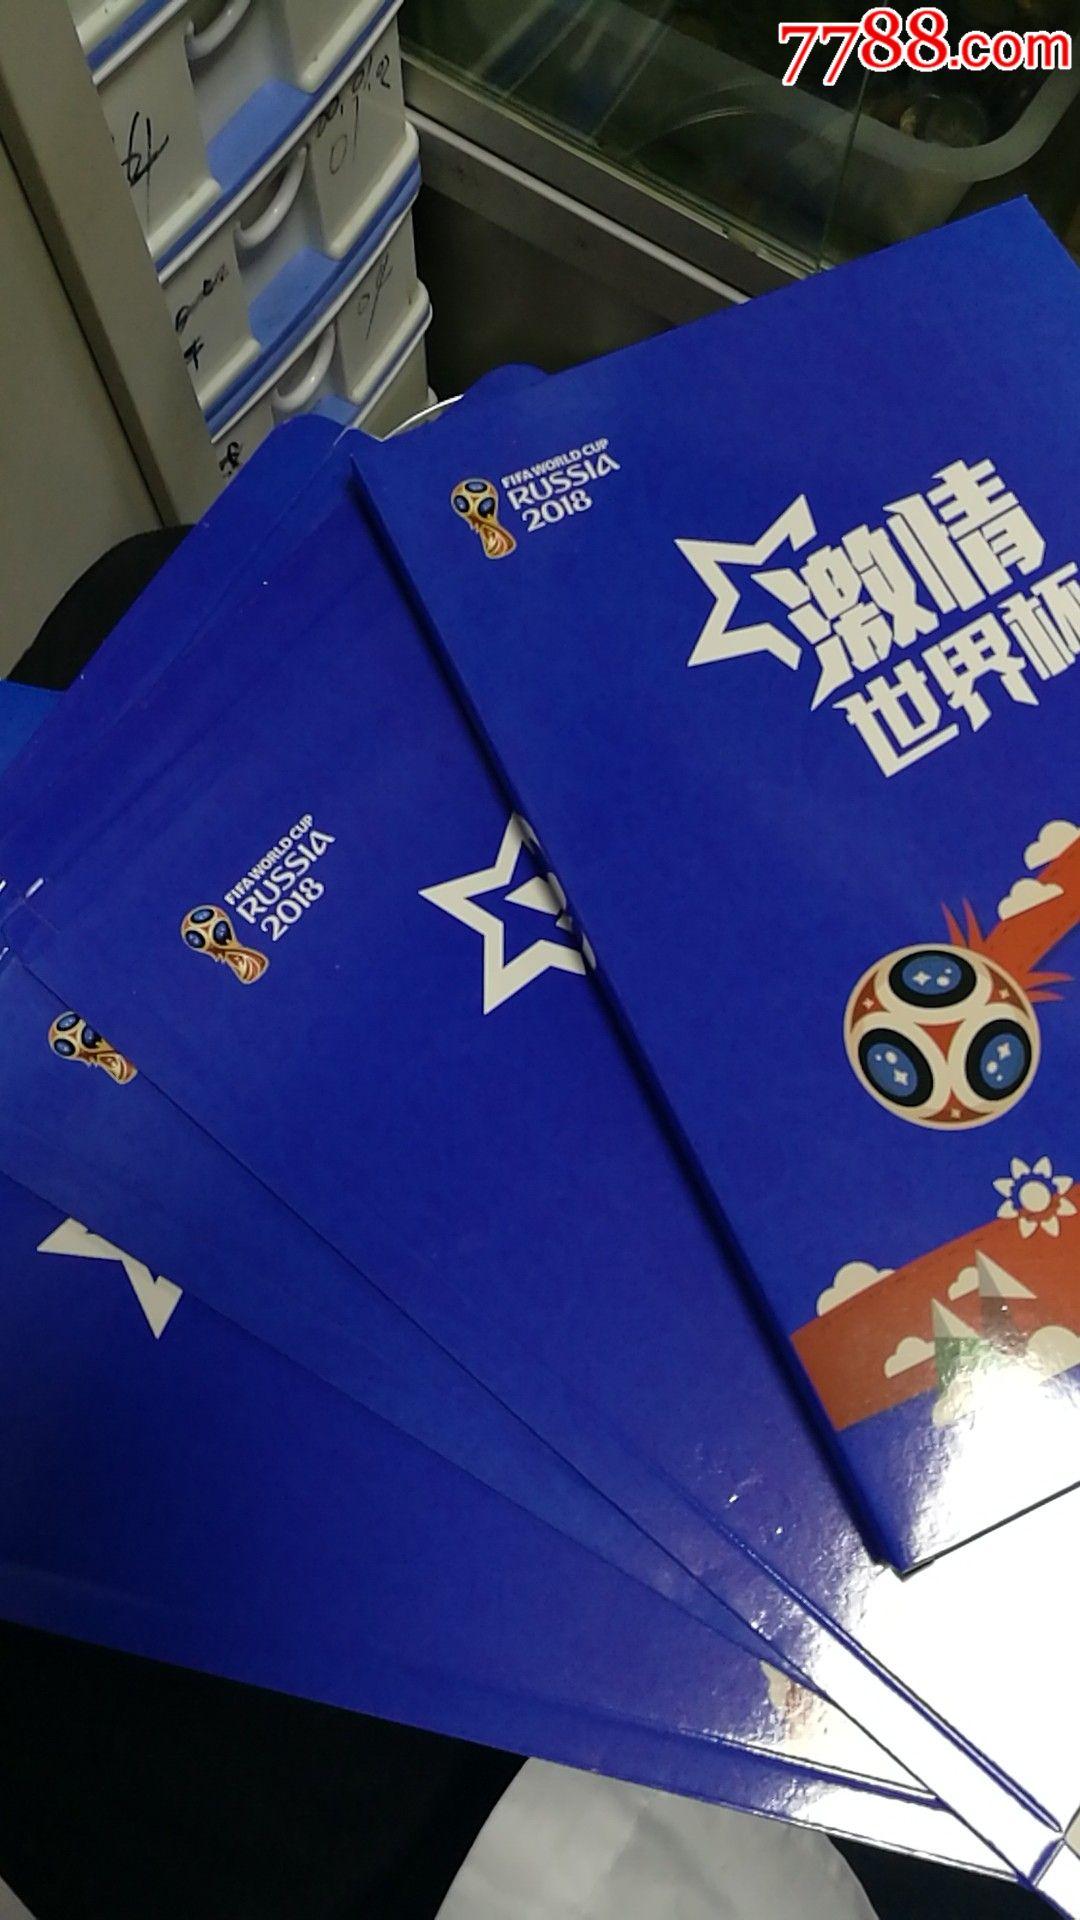 俄罗斯世界杯一钞三币纪念套装